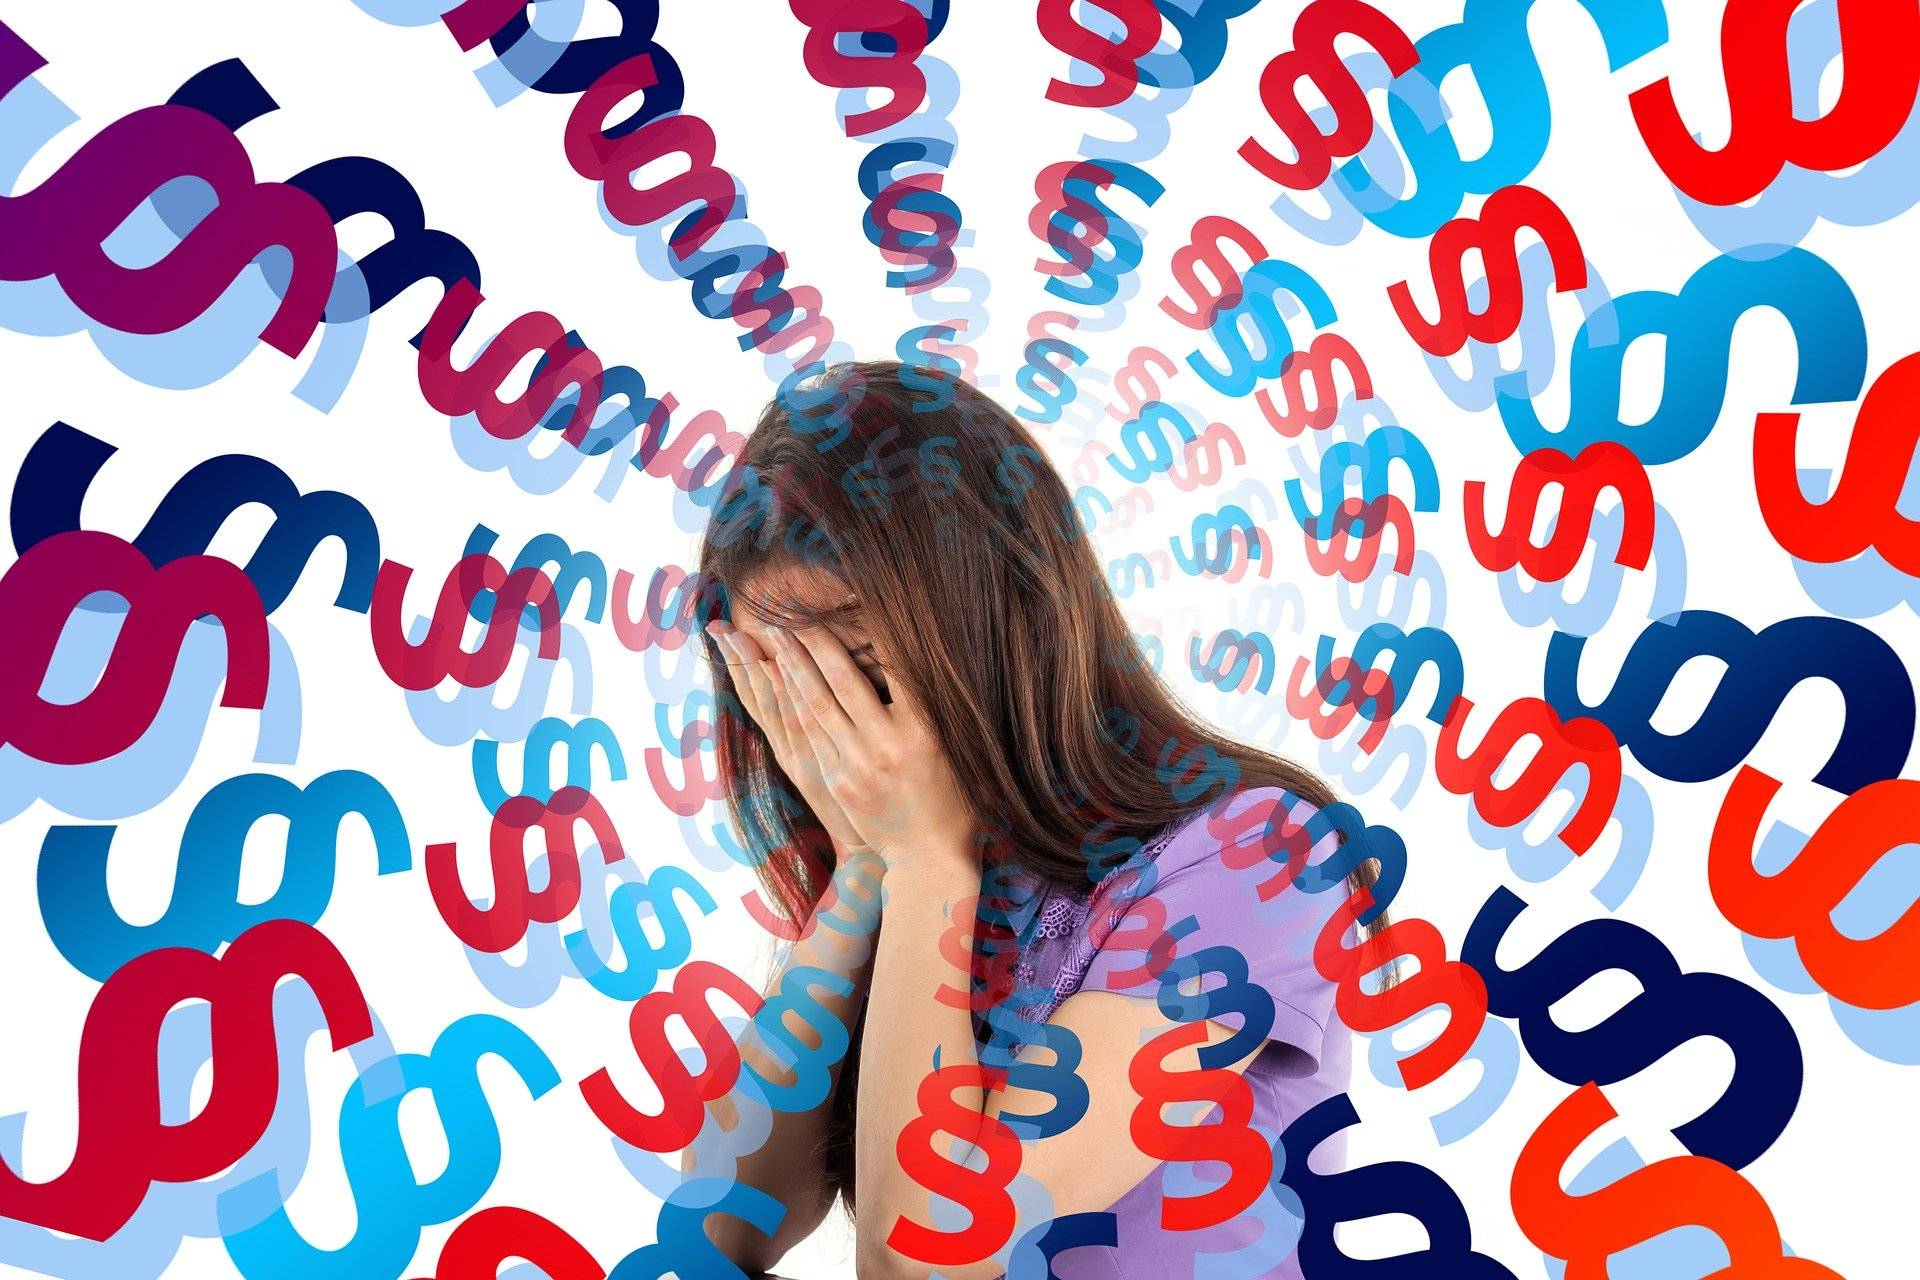 כאבי ראש ומיגרנות חוזרות